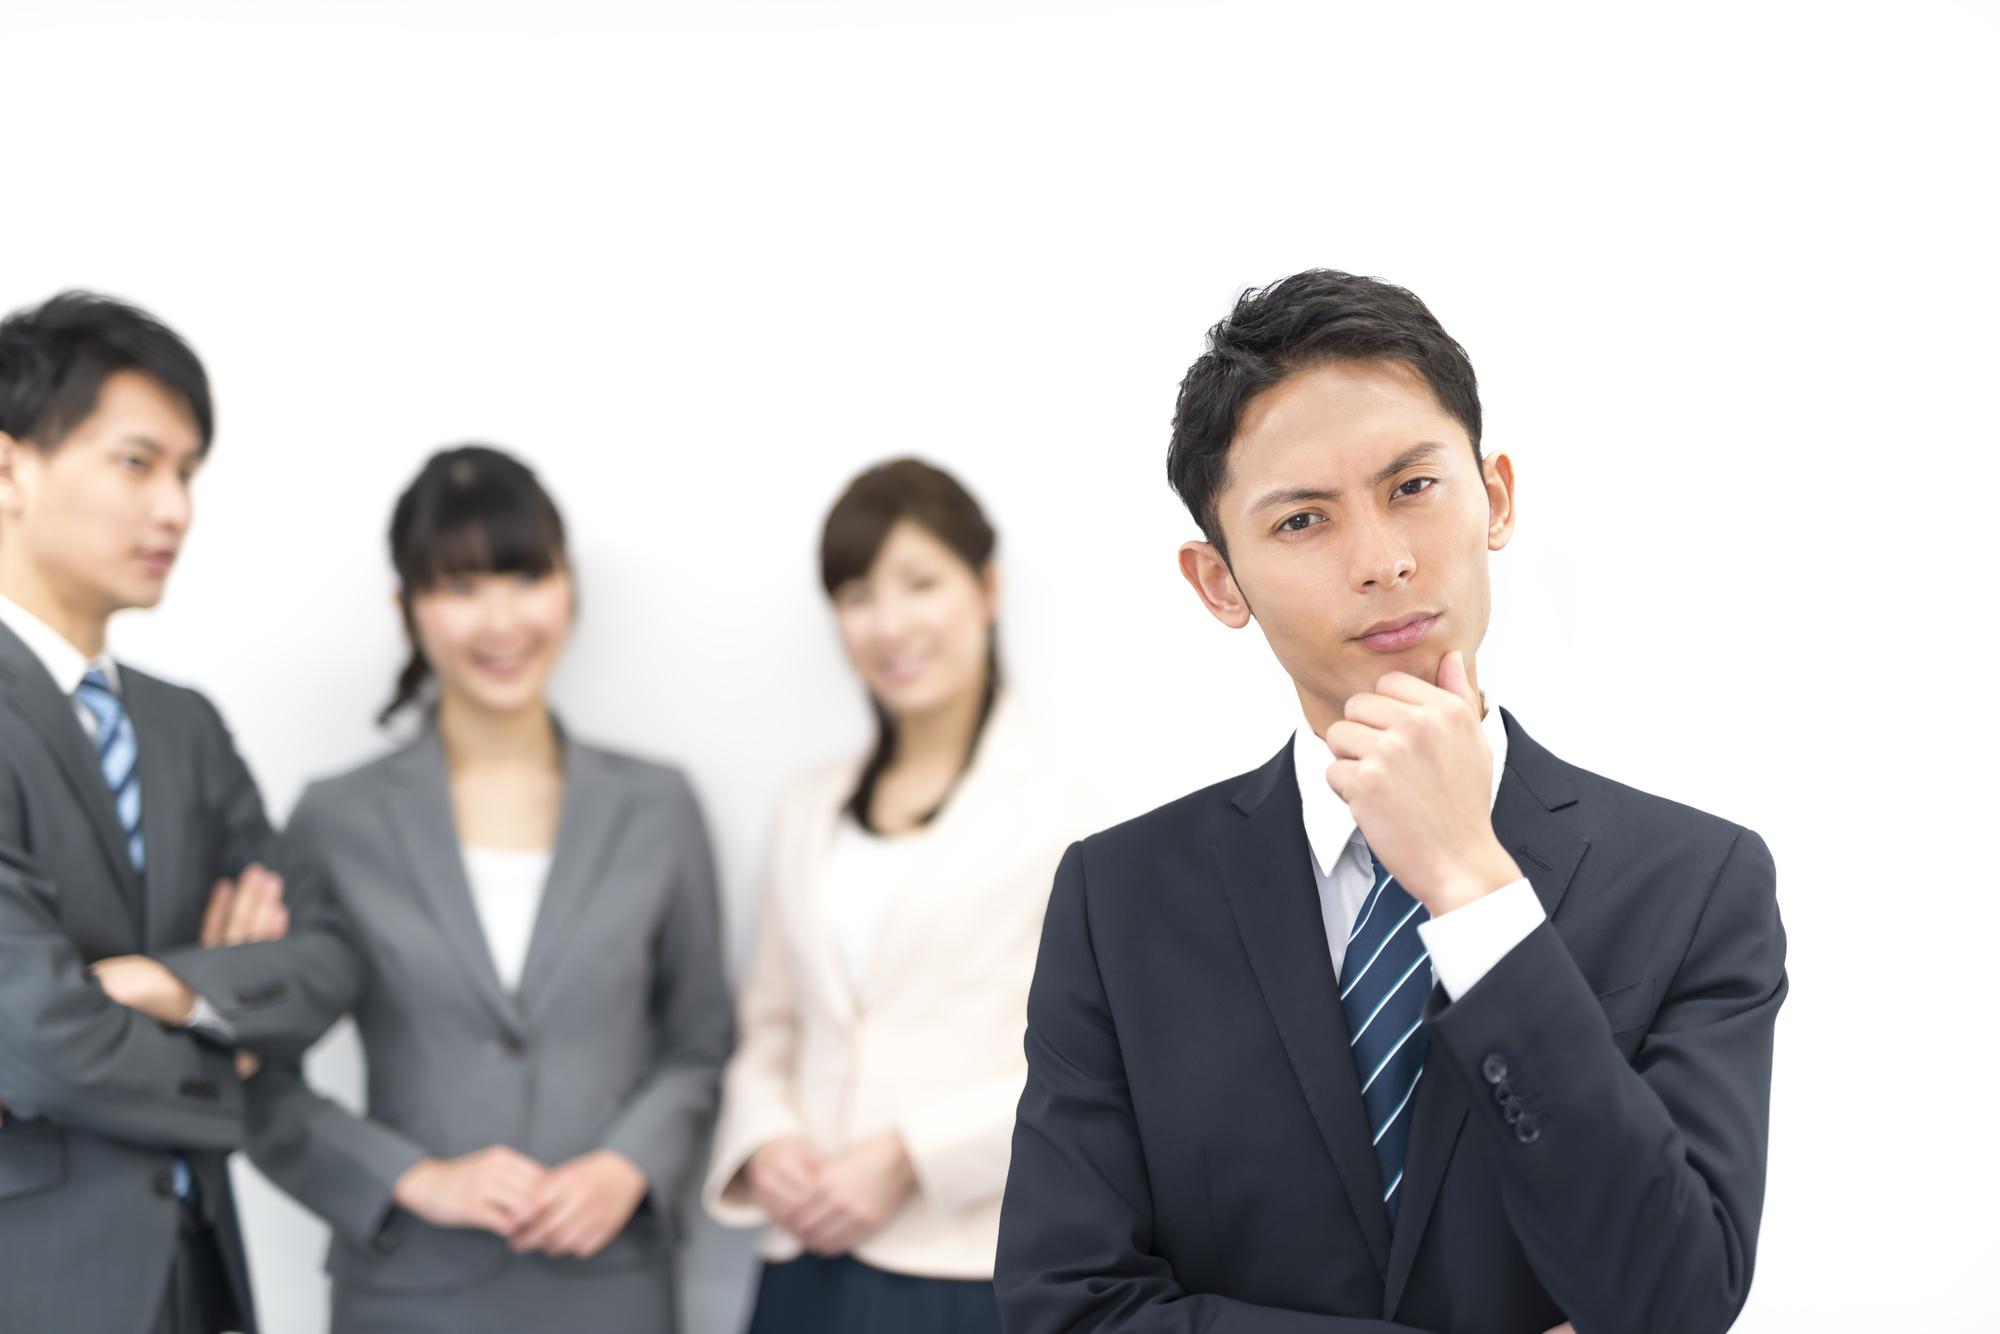 企業が求める協調性がある人はどんな人?